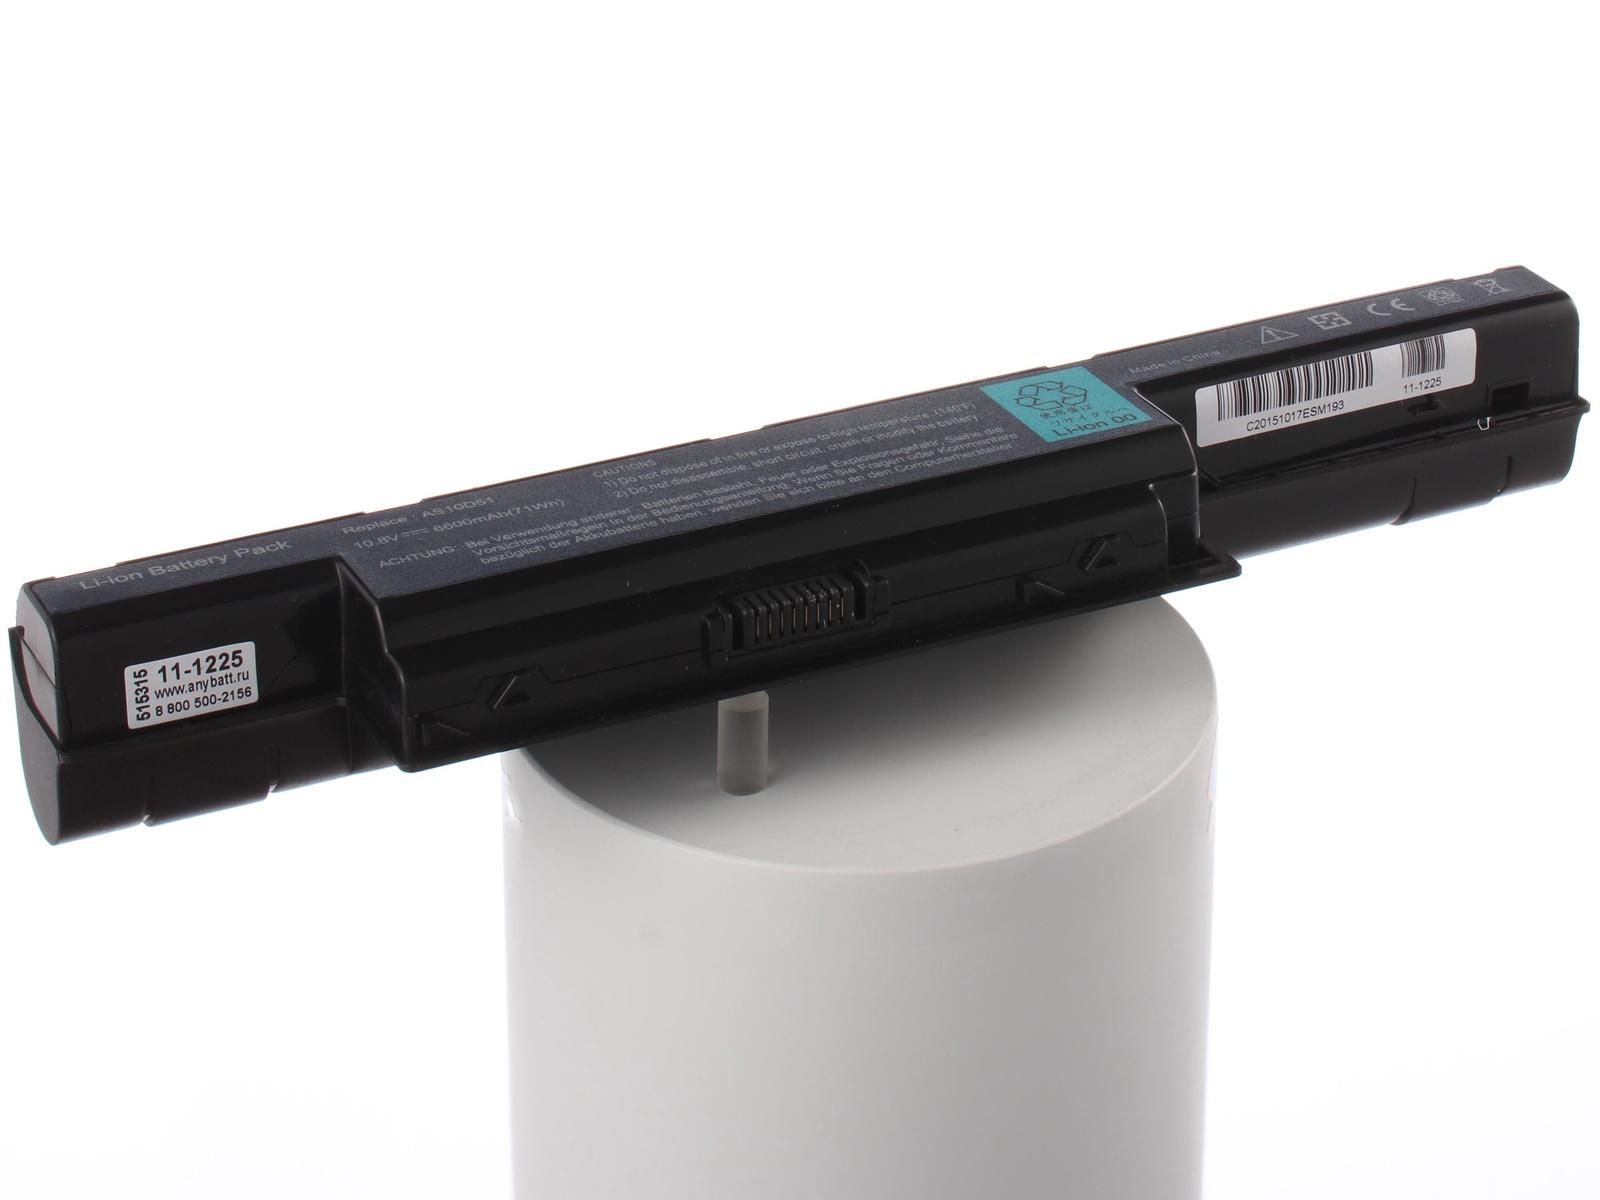 Аккумулятор для ноутбука AnyBatt для Acer Aspire V3-531G, Aspire E1-570, Aspire E1-771G, TravelMate 5360, eMachines E732Z, Aspire 5749Z, Aspire 5742Z, Aspire 4741G, TravelMate P243, eMachines D528, Aspire 5741ZG, Aspire 5333 аккумулятор для ноутбука ibatt для acer aspire v3 772g 747a161 26tmamm emachines d528 902g25mikk emachines e732z p622g50mnkk travelmate 4740g travelmate 4740z travelmate 5542g 142g25mnss travelmate 5744 383g32mnkk